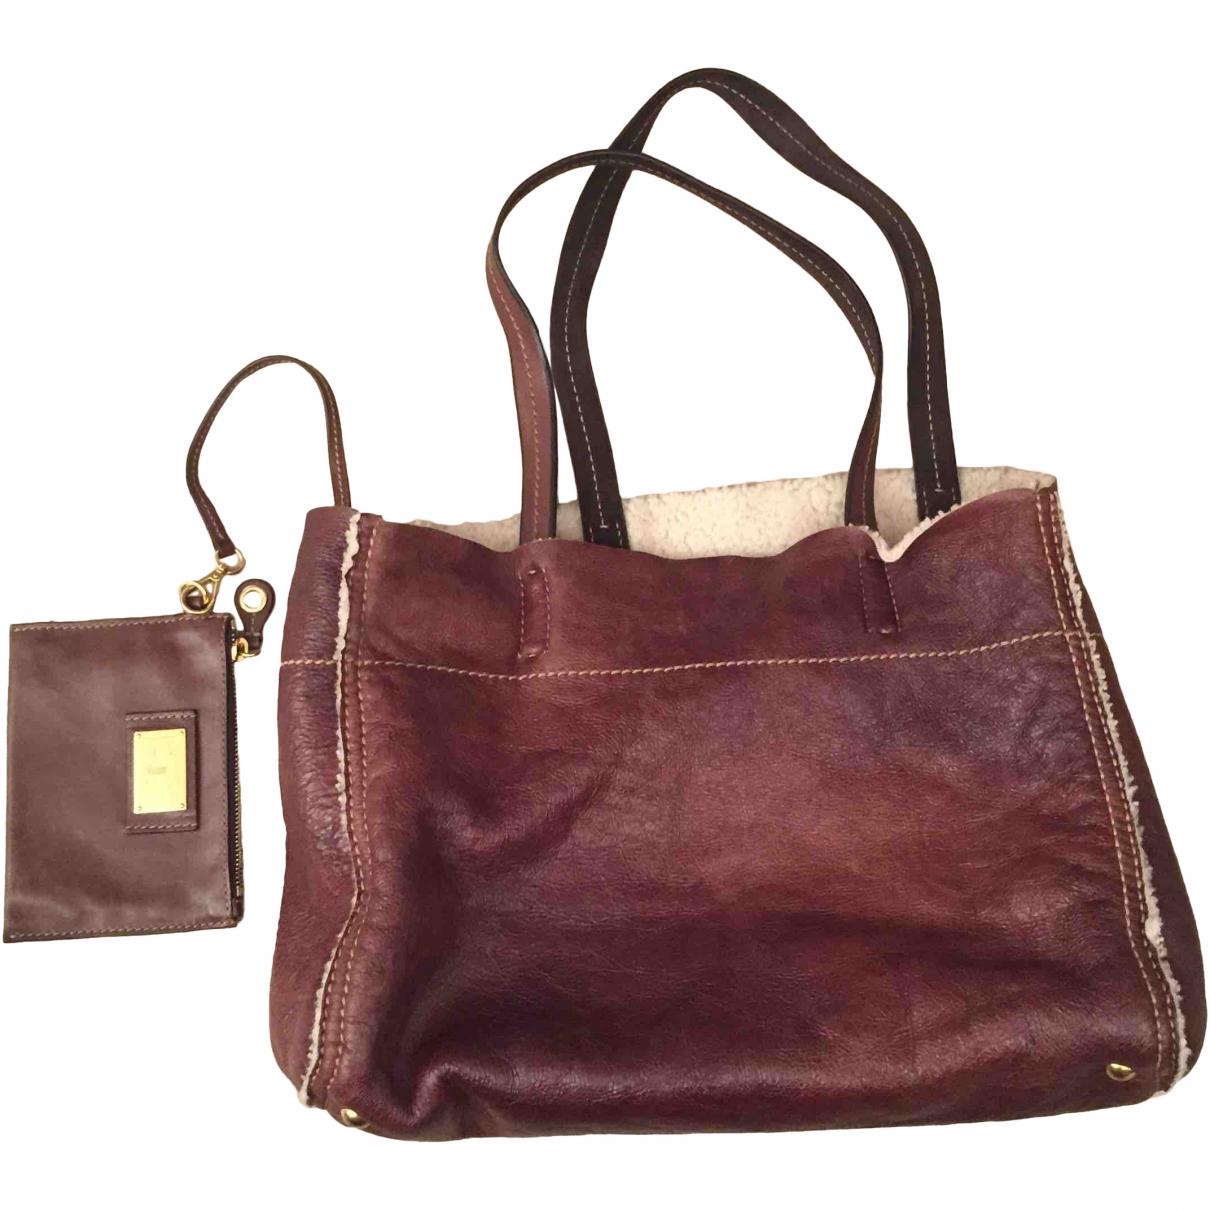 Carshoe \N Brown Shearling handbag for Women \N